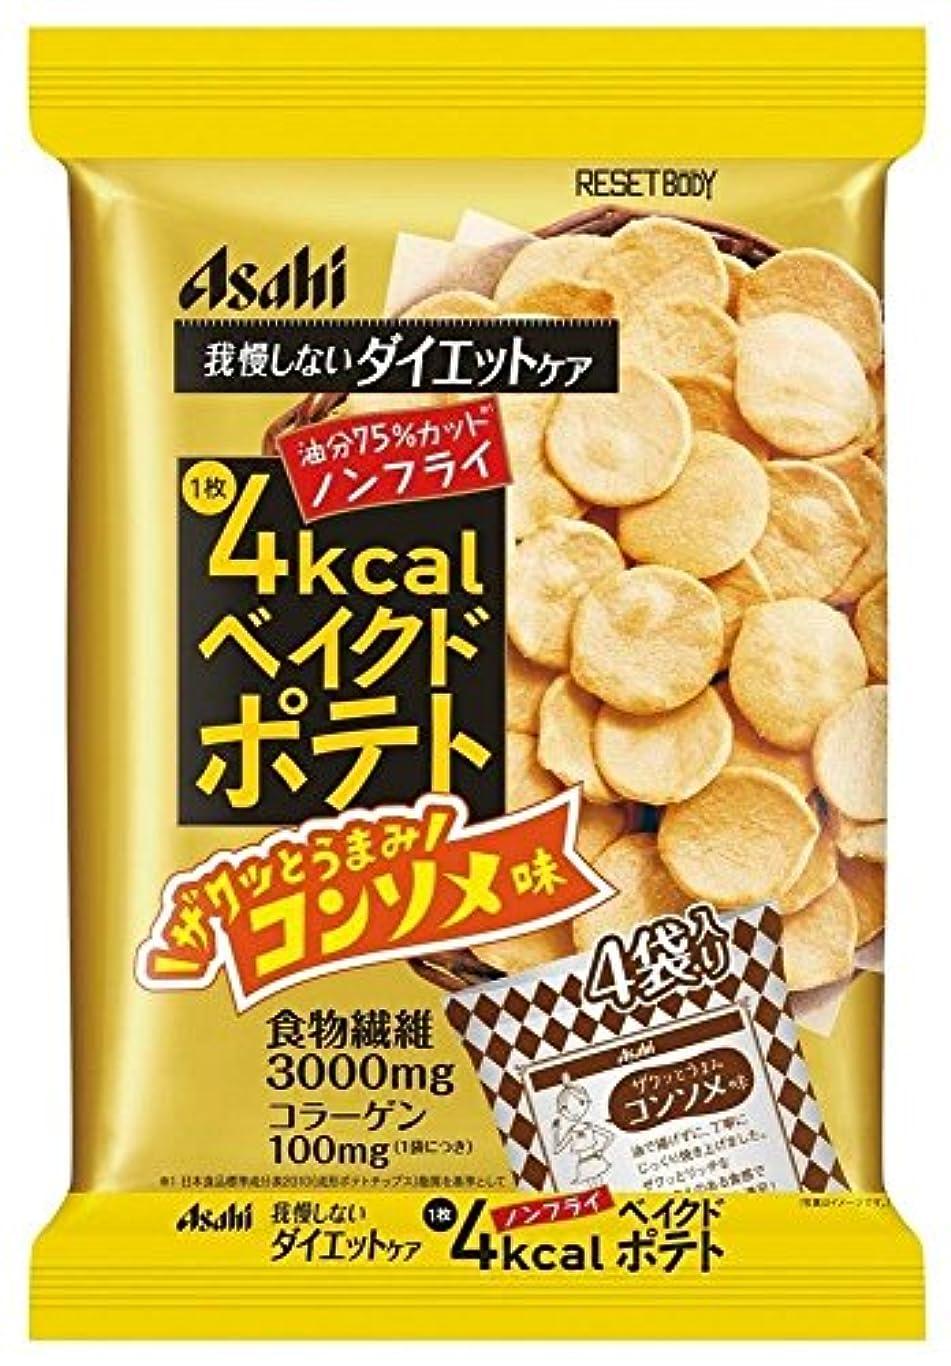 ベアリングサークルセンチメンタル意志に反するアサヒグループ食品 リセットボディ ベイクドポテトコンソメ味 66g